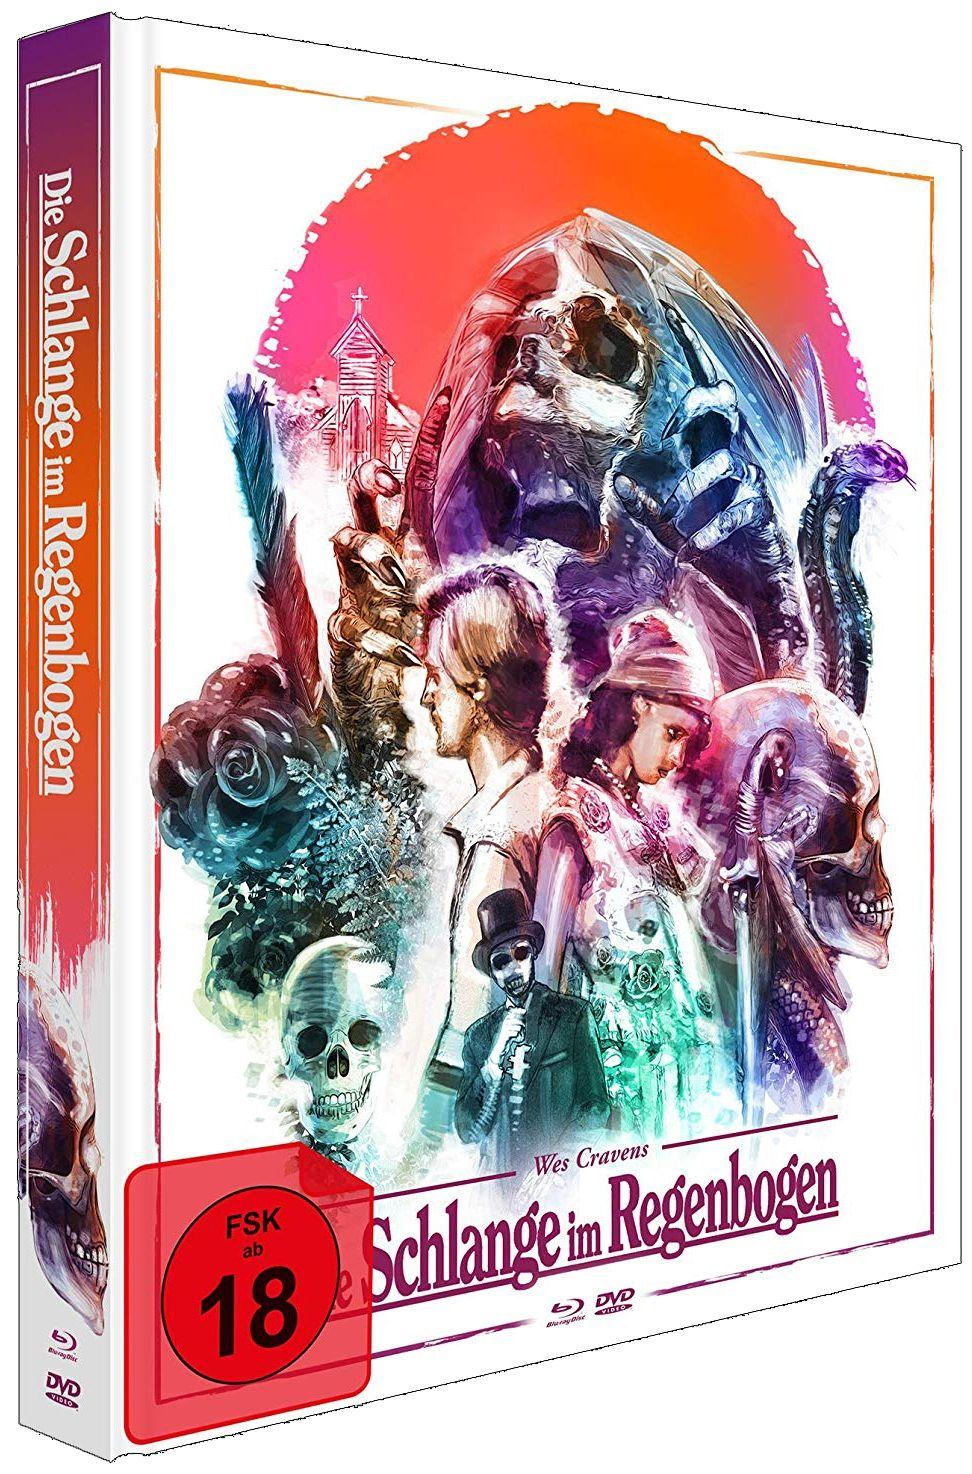 Schlange im Regenbogen, Die (Lim. Uncut Mediabook) (2 DVD + BLURAY)